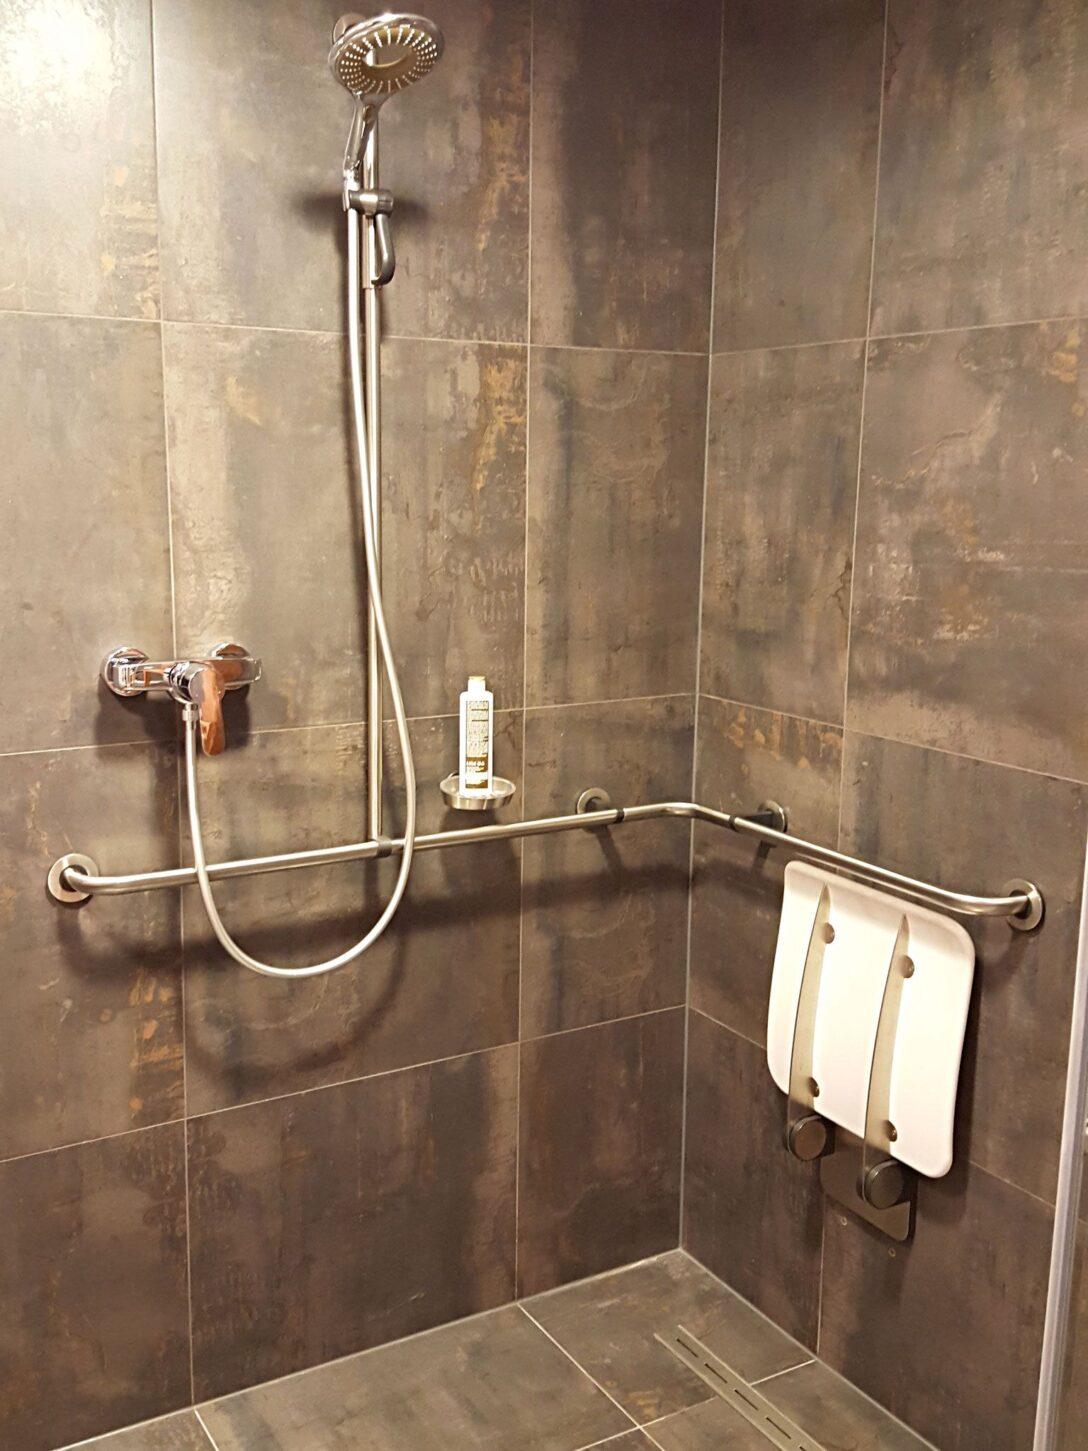 Large Size of Behindertengerechte Dusche Behindertengerechtes Bad Hsk Duschen Grohe Begehbare Ohne Tür Komplett Set Ebenerdig Haltegriff Ebenerdige Kosten Hüppe Küche Dusche Behindertengerechte Dusche